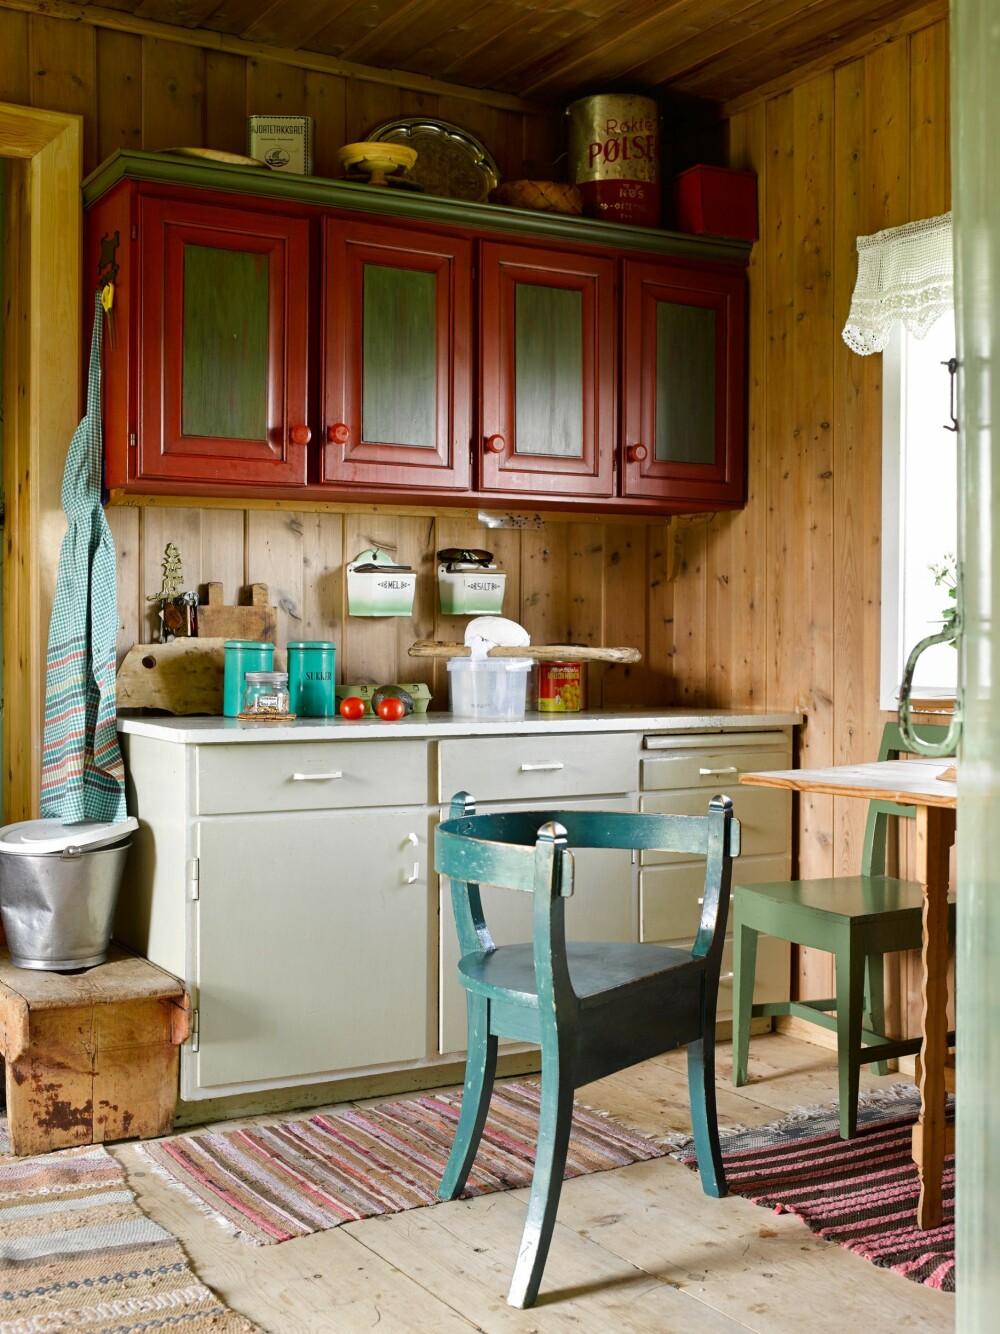 FROKOST: Kjøkkenkroken er liten, men mer enn god nok for en kjapp frokost, om været tilsier at den må tas innendørs. Kjøkkenbenken er fra 1950-tallet.